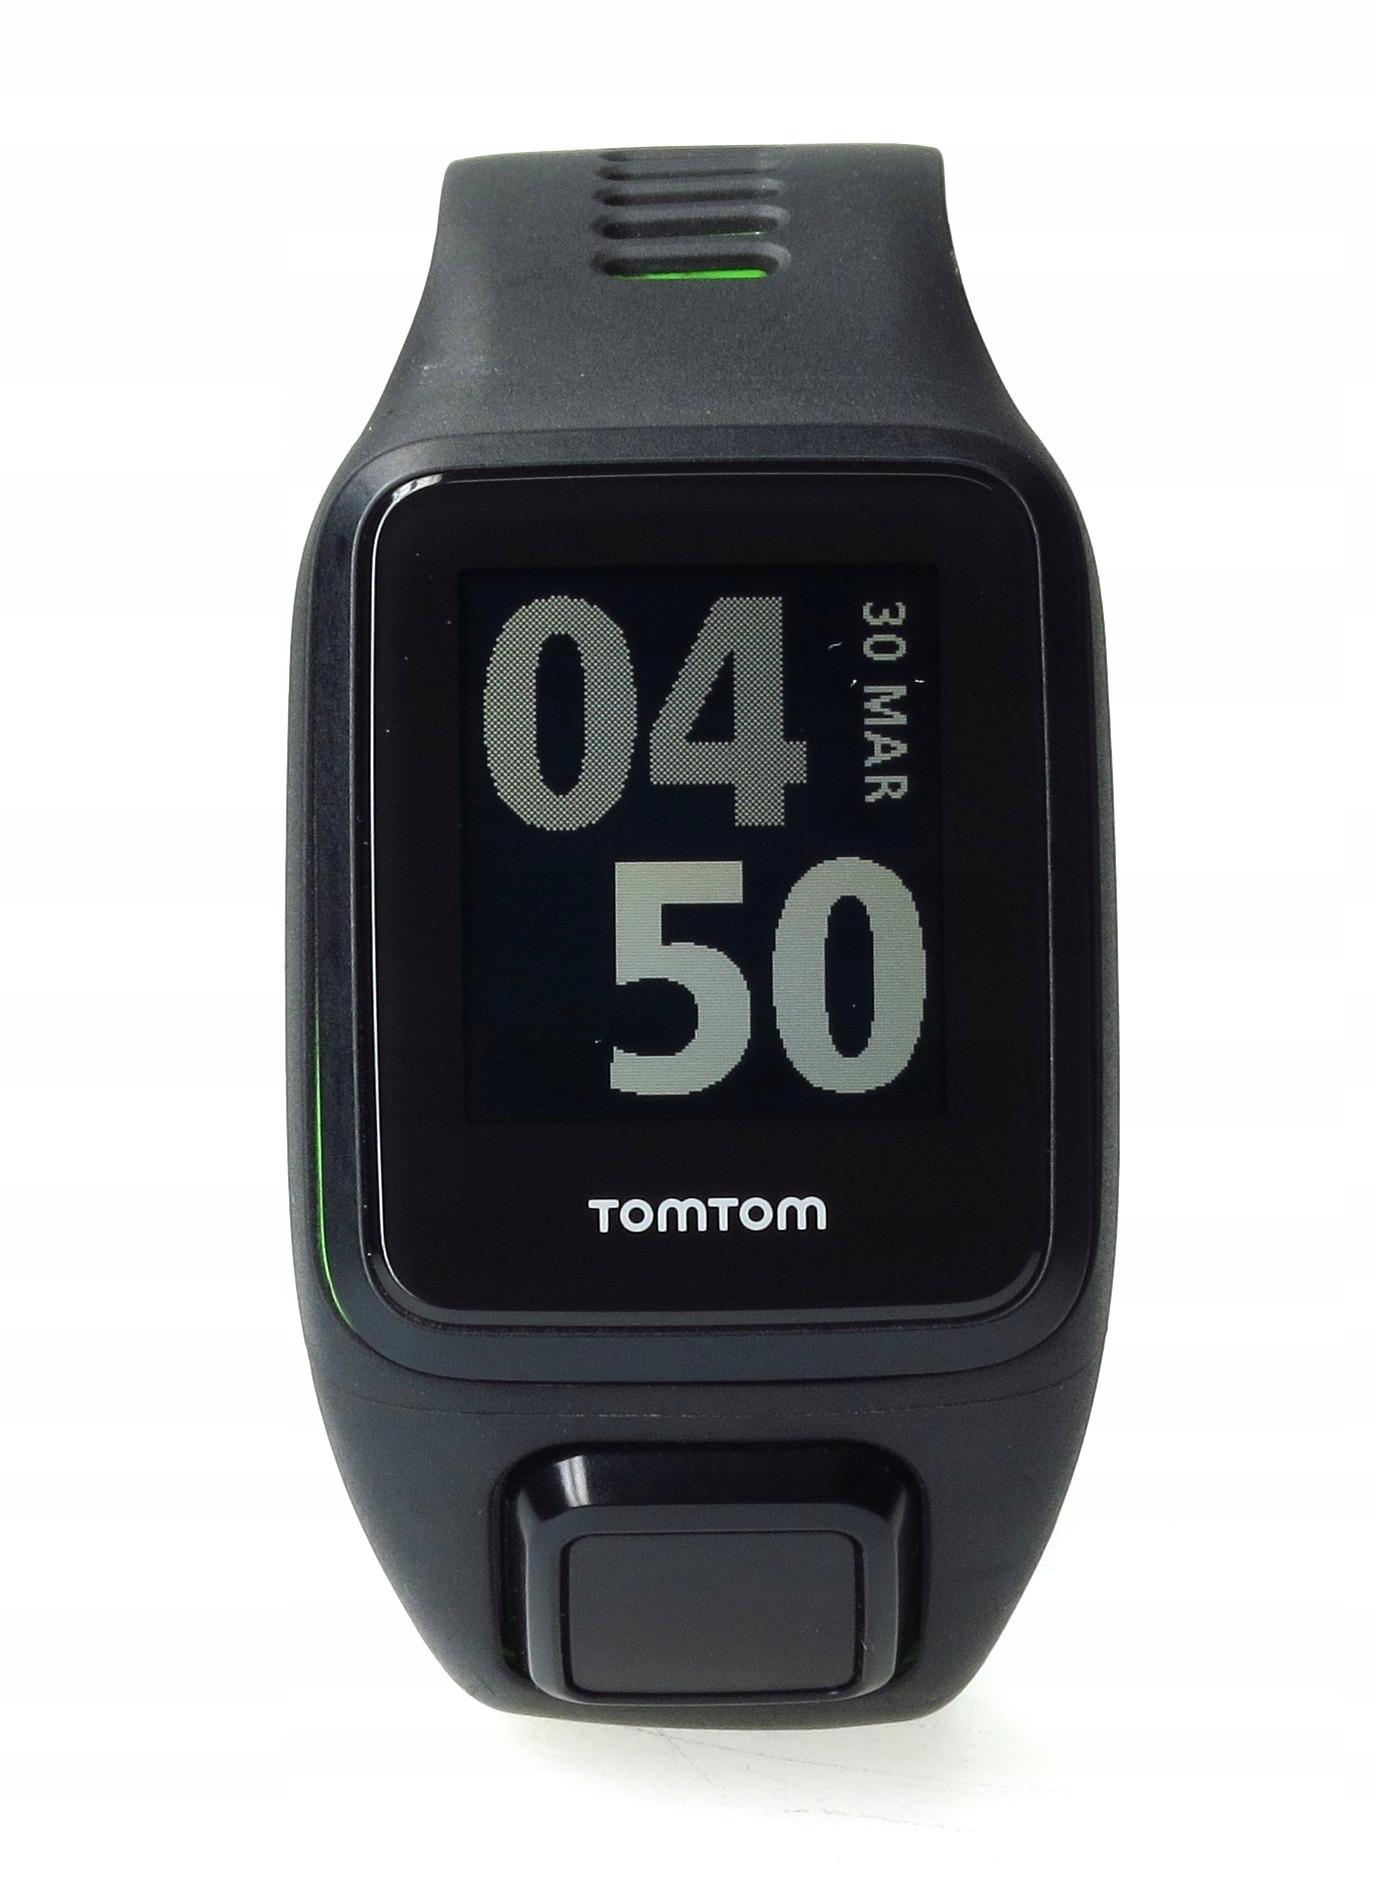 ZEGAREK WIELODYSCYPLINOWY GPS TOMTOM ADVENTURER